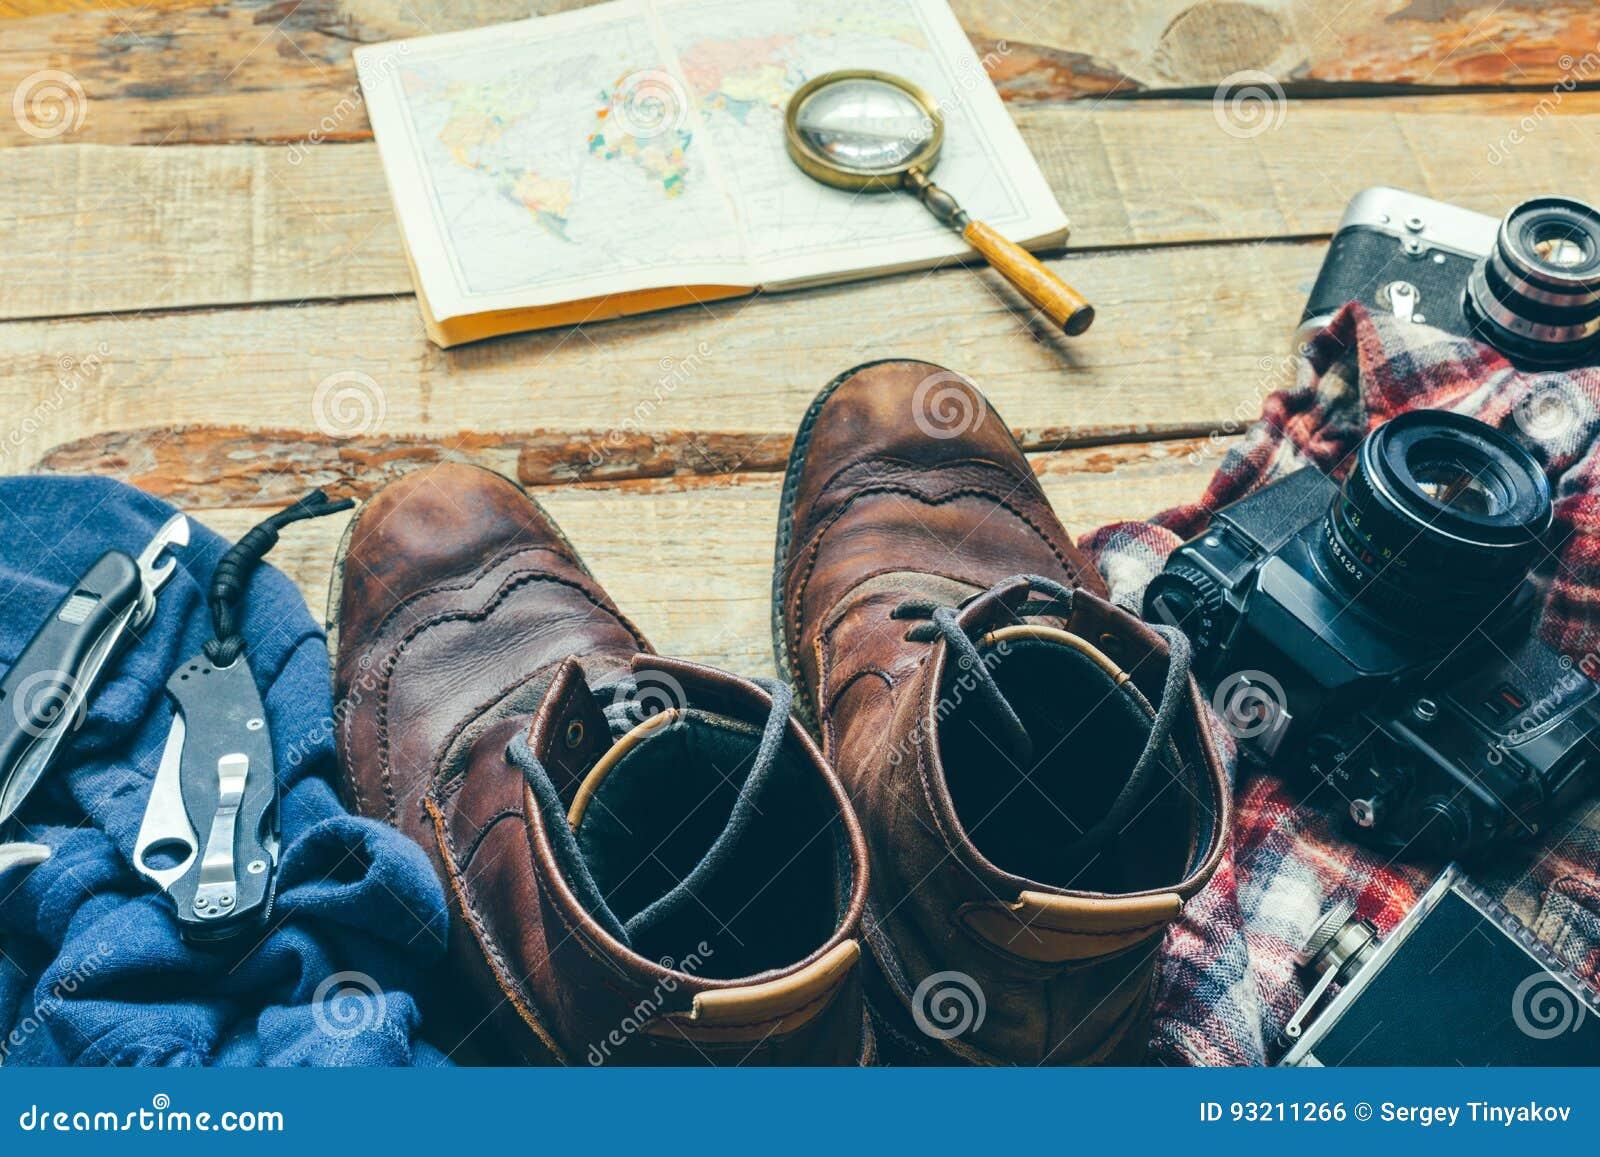 远足辅助部件冒险和室外休闲旅游业的老皮鞋、衬衣、卡片,葡萄酒影片照相机和刀子概念